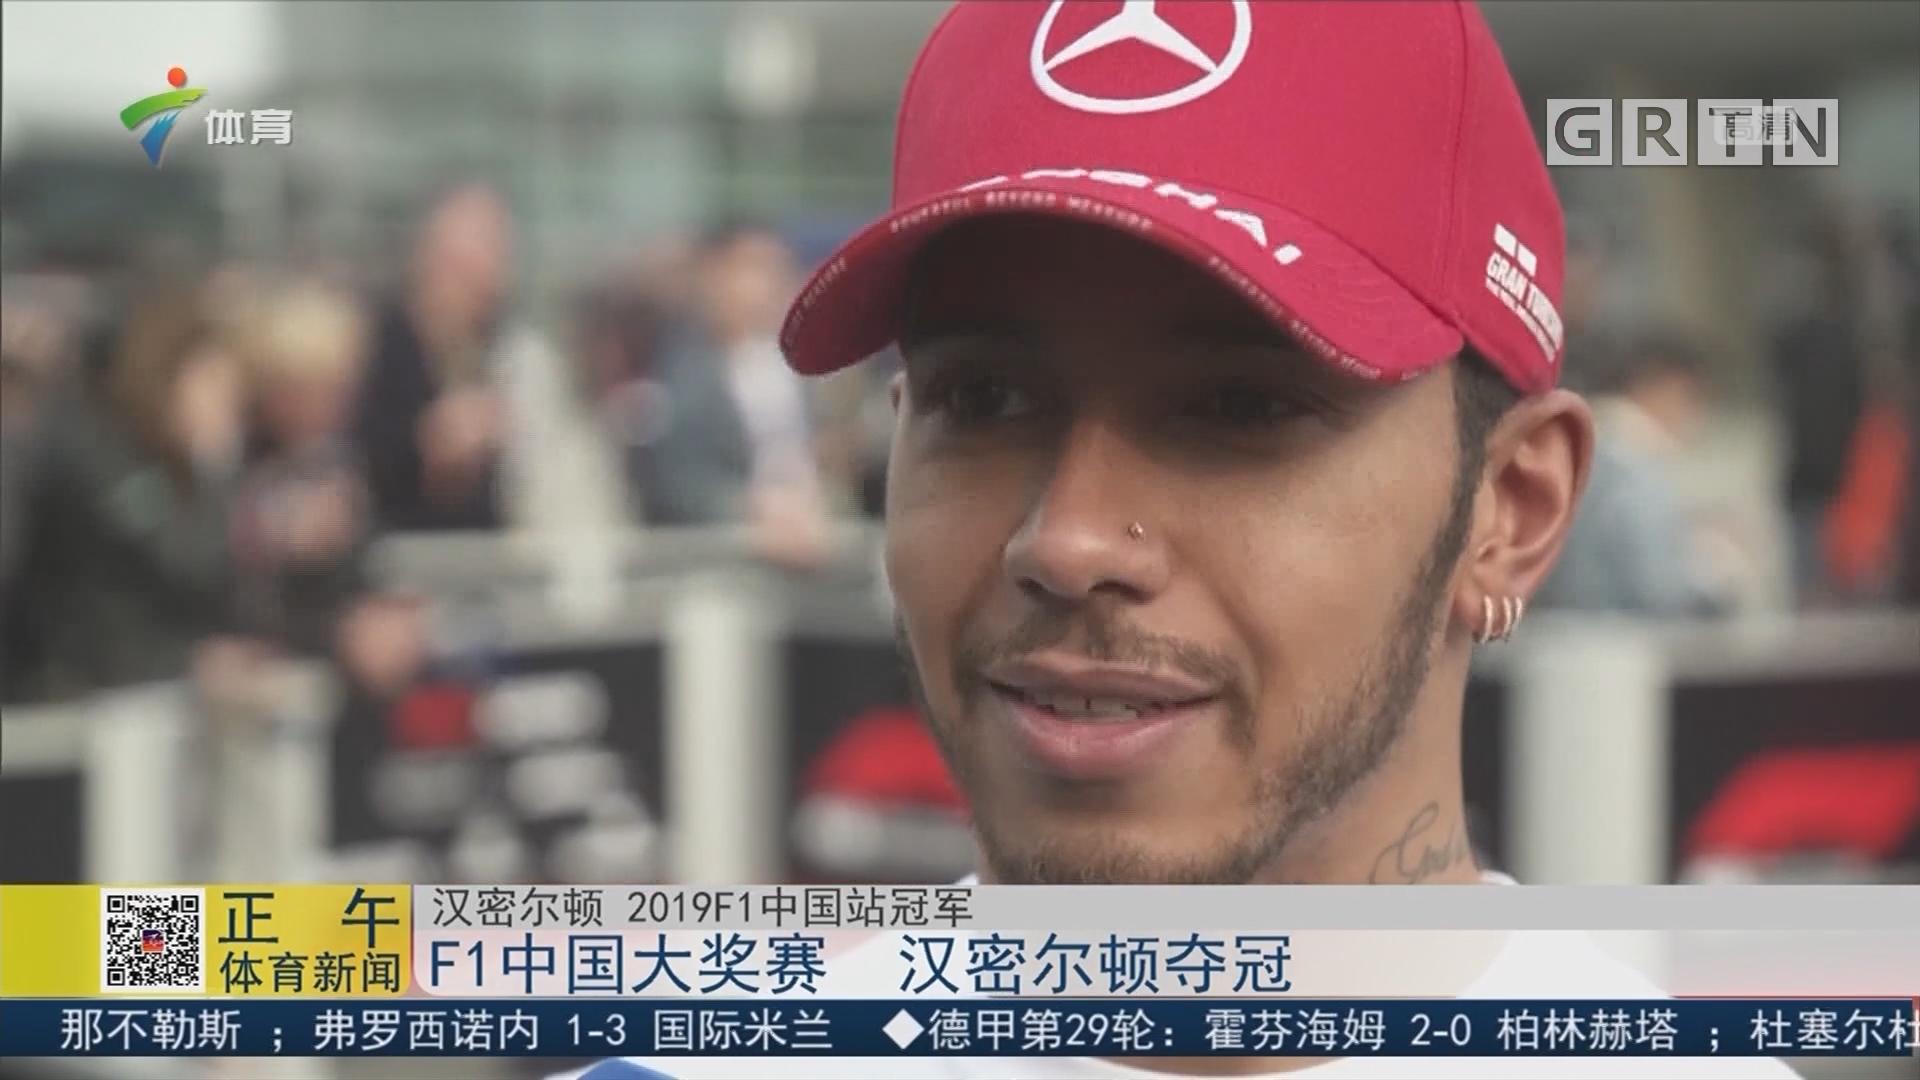 F1中国大奖赛 汉密尔顿夺冠